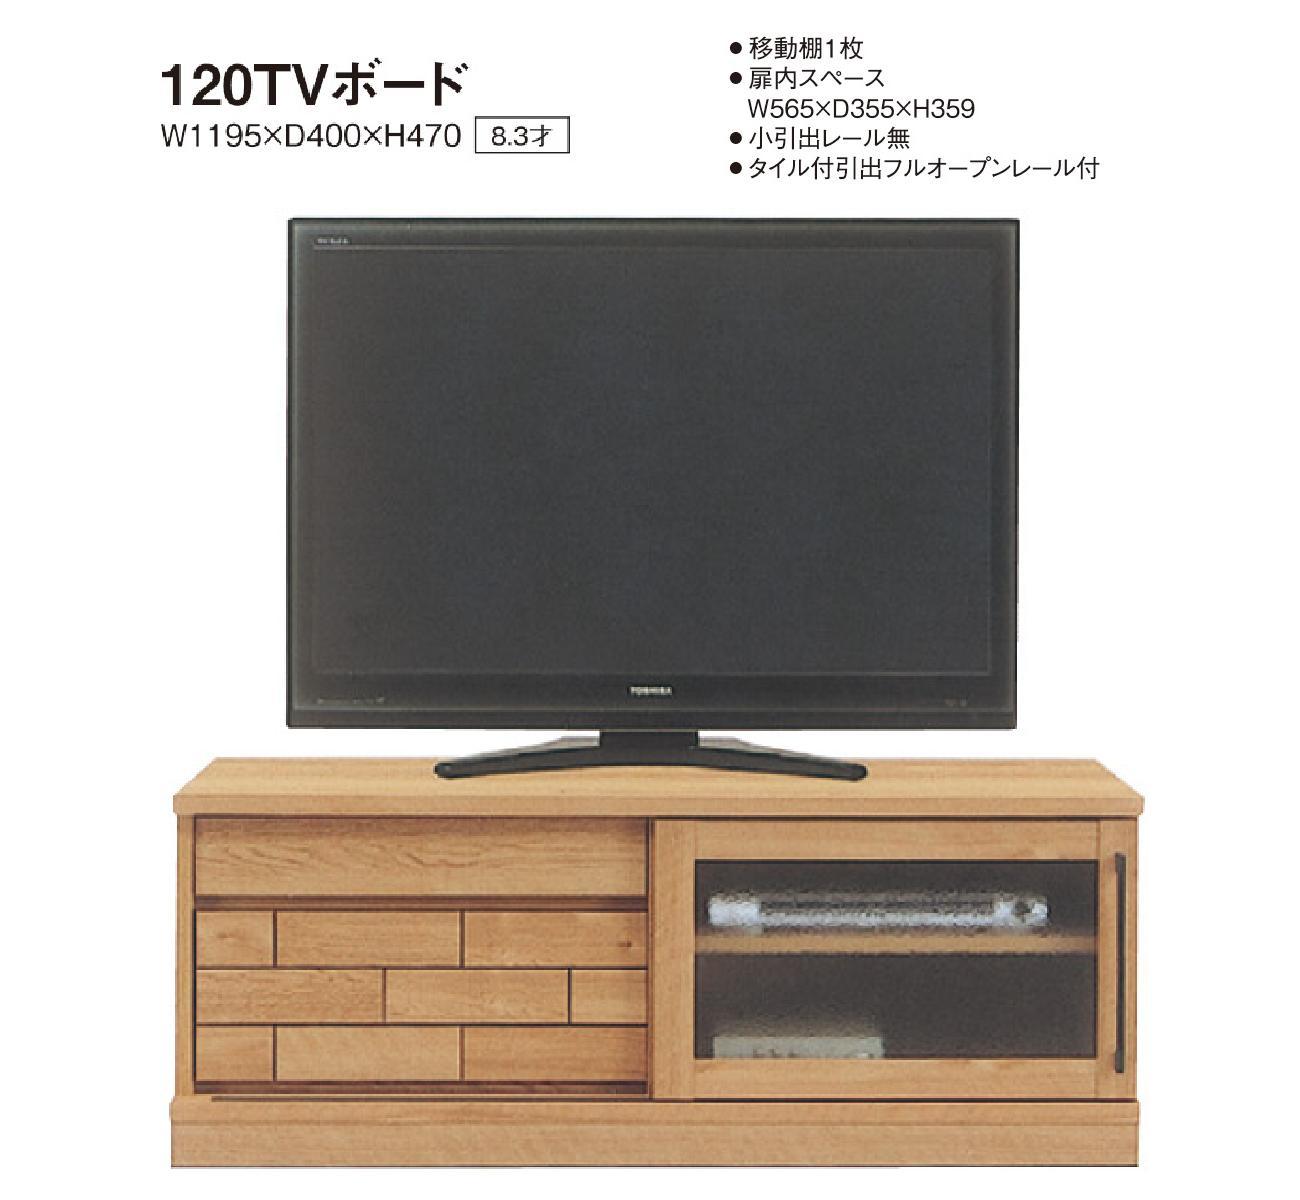 【送料無料】120 TVボード ダッグ テレビボード  テレビ TV 収納 コンパクト 54型 大容量 木目 おしゃれ 完成品 引き出し  家具 通販 大川 日本製【国産家具】